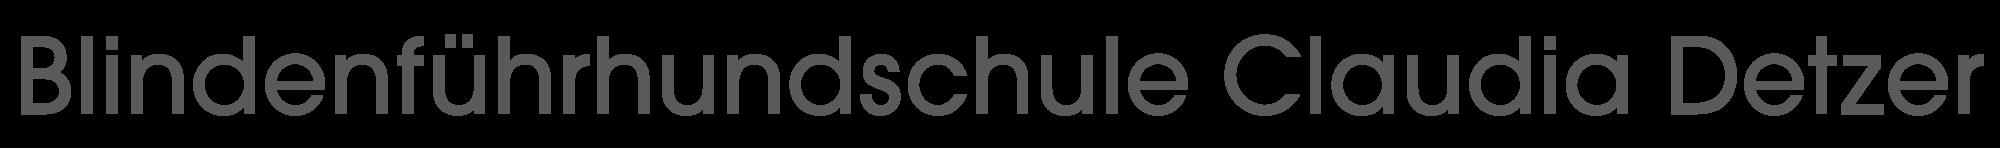 bfh Logo2